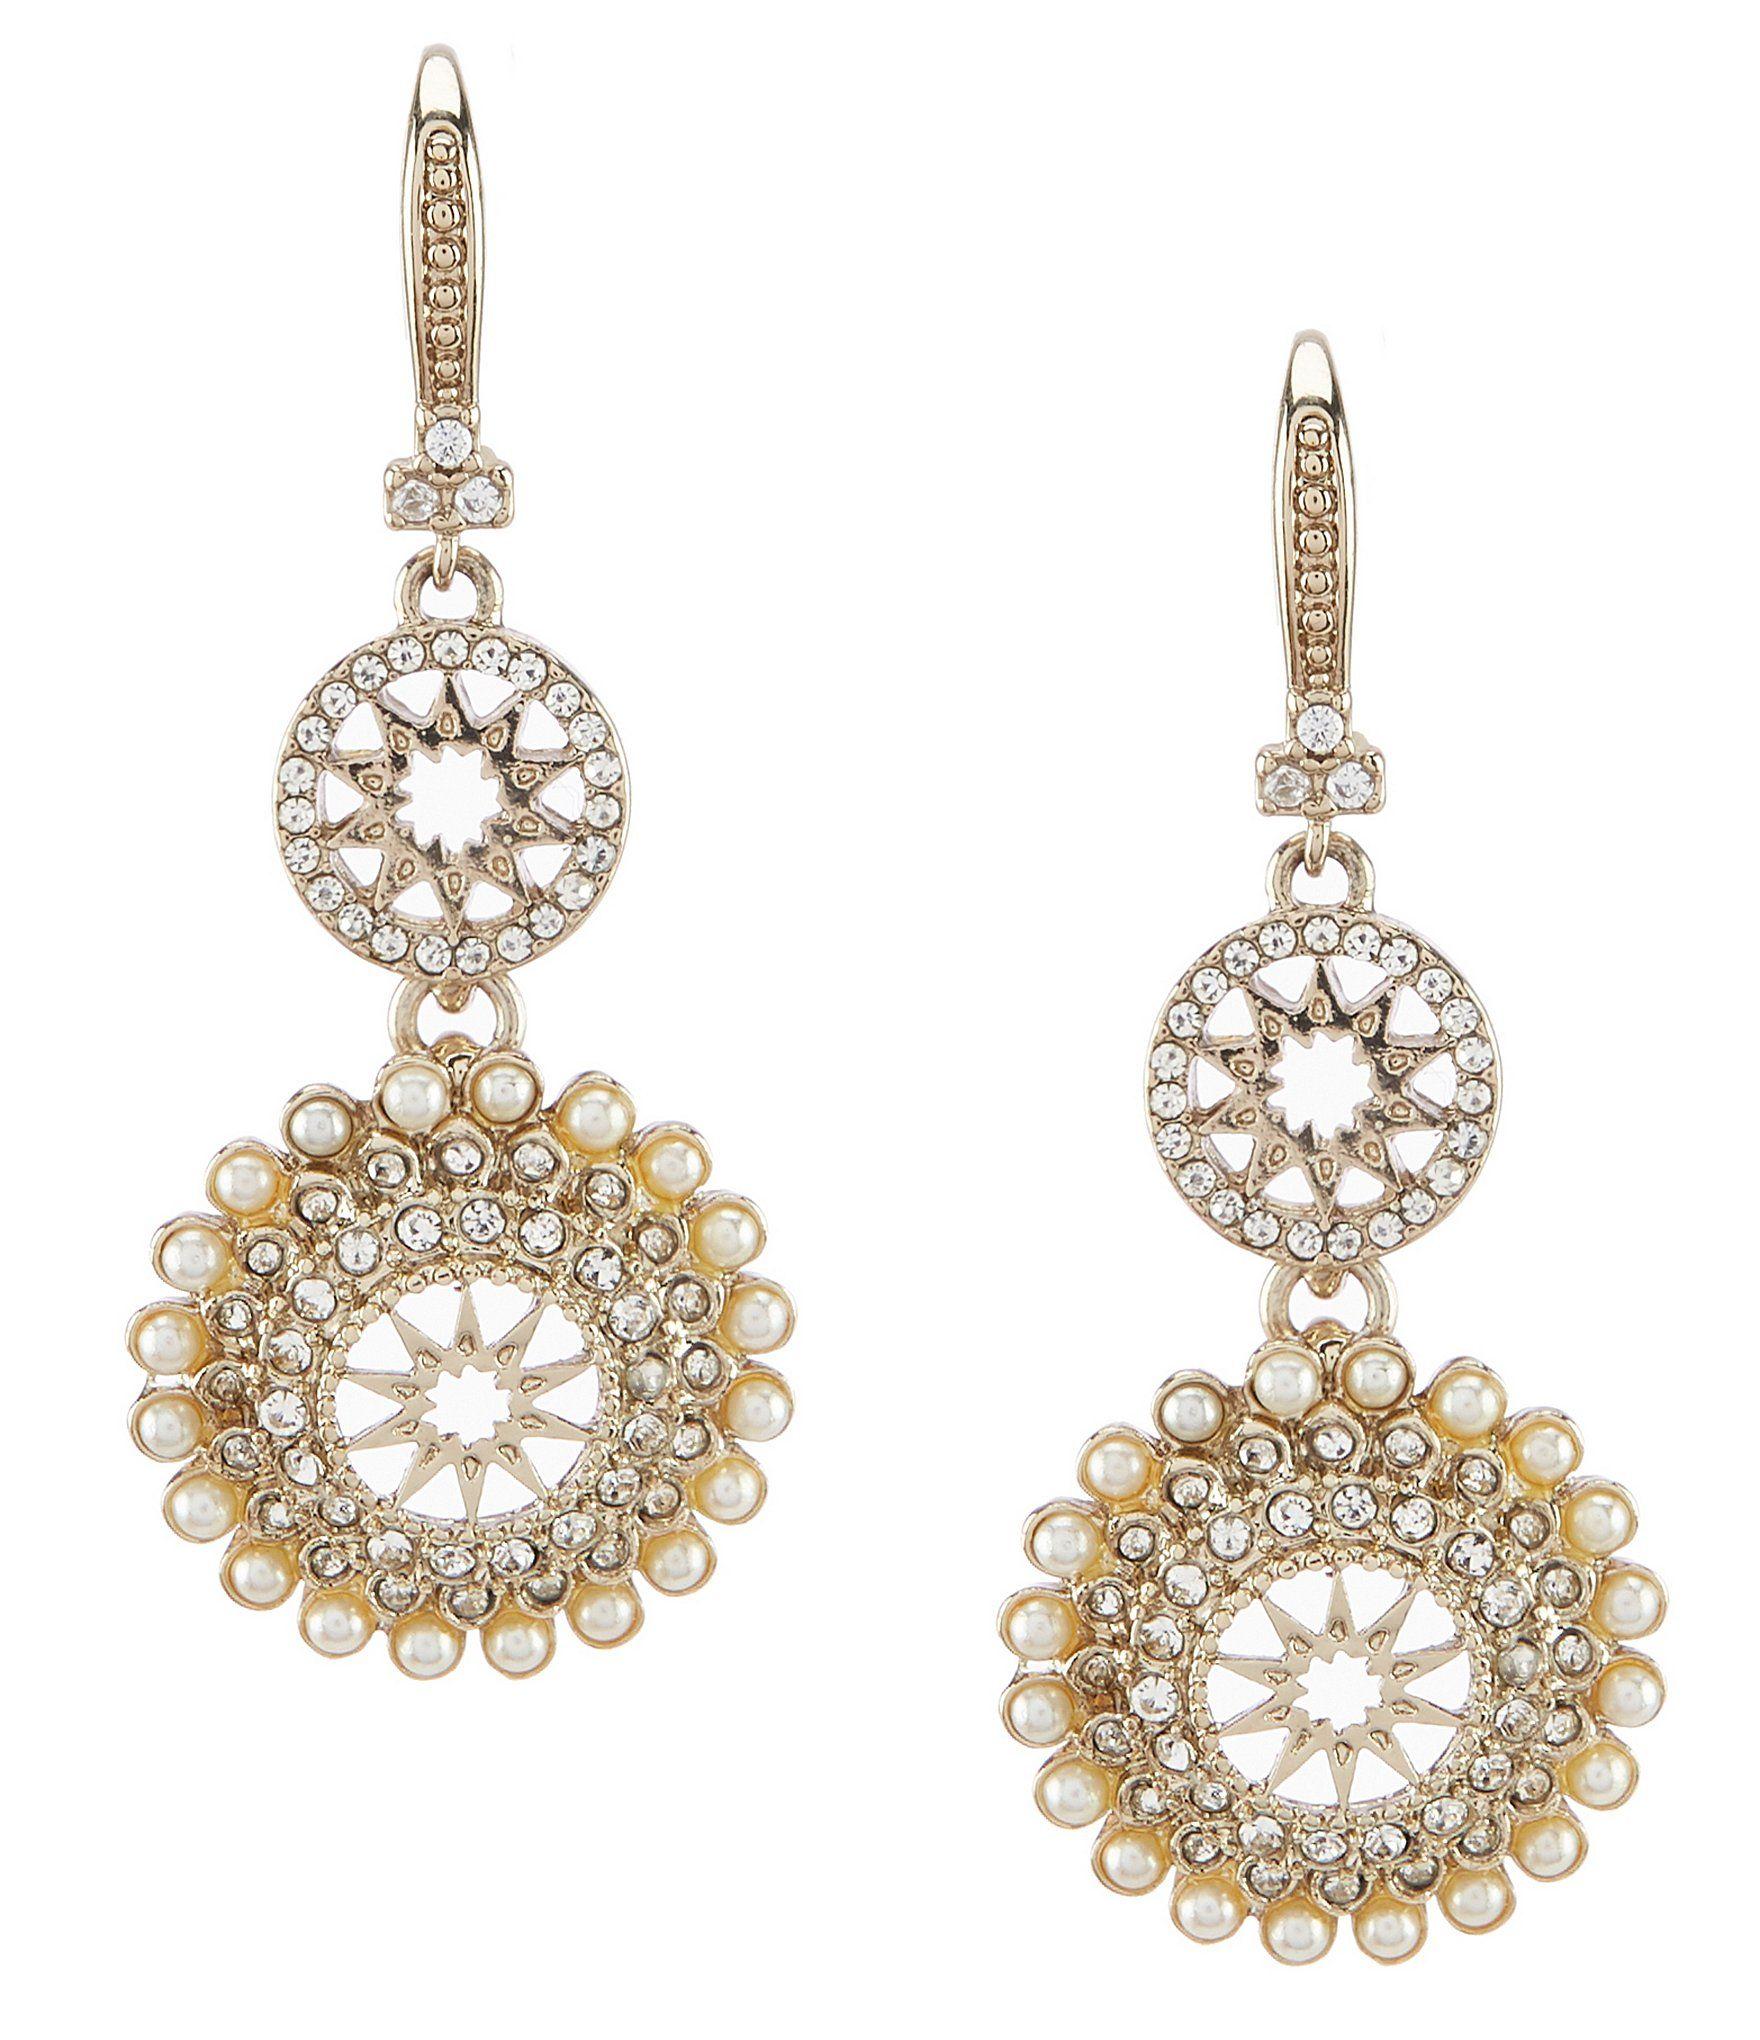 Marchesa Charm Floral Double Drop Earrings | Dillard's